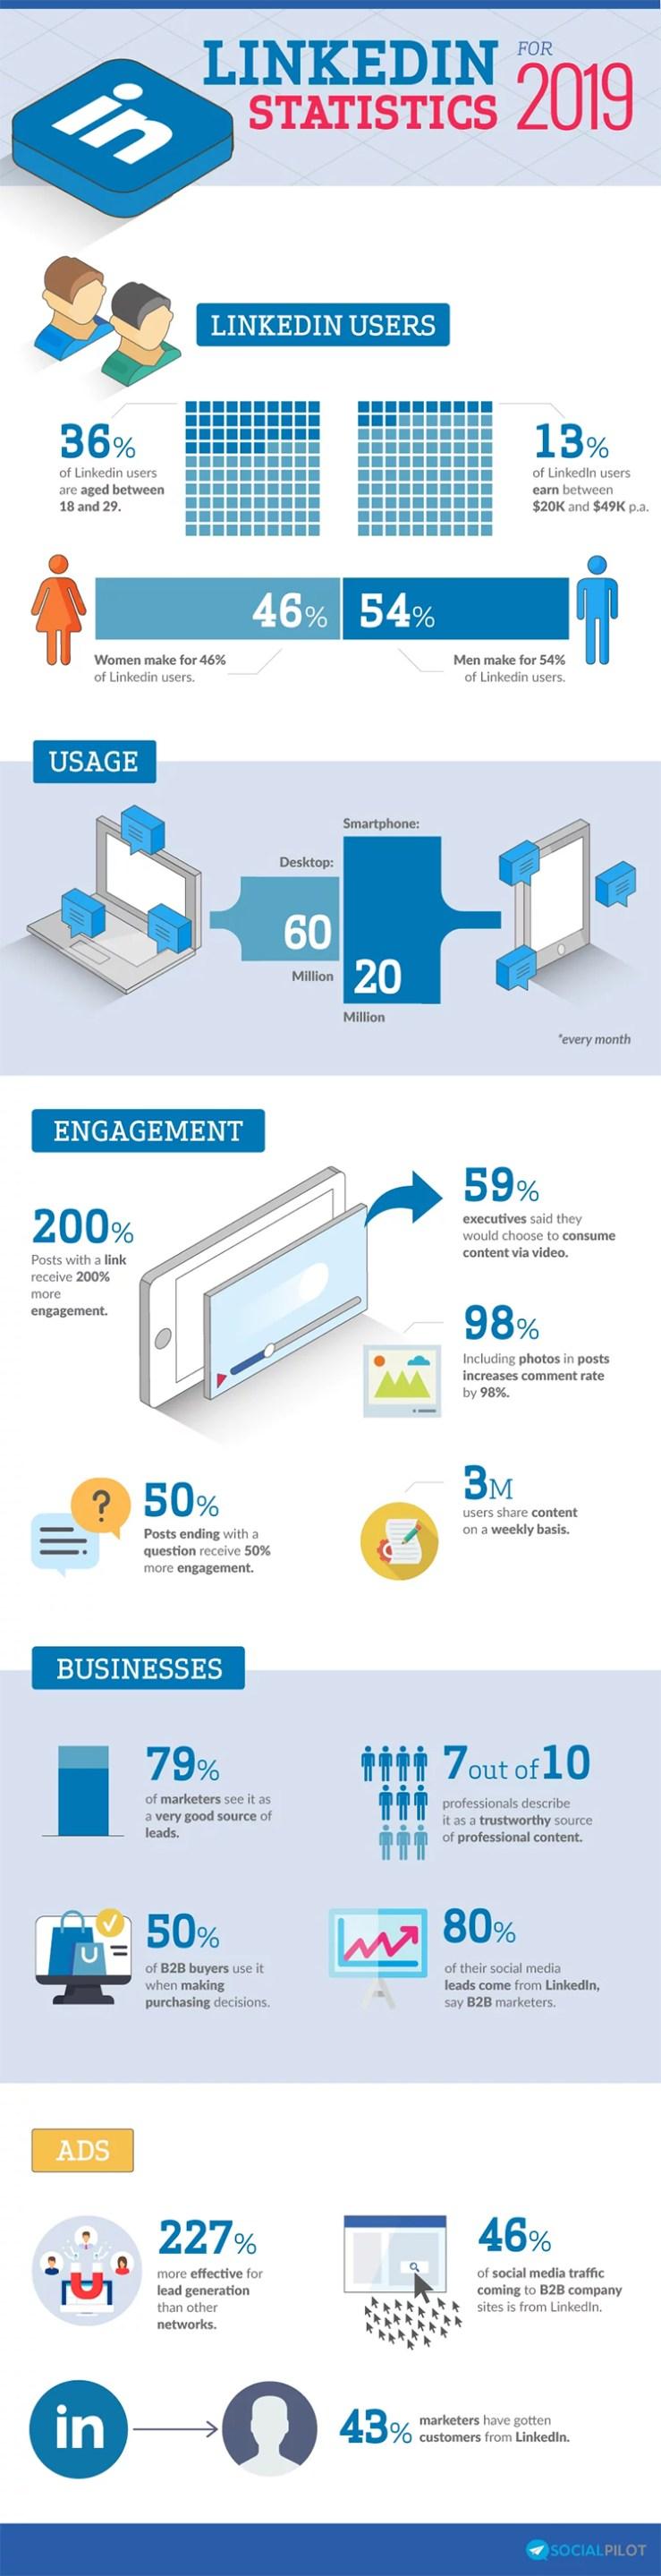 LinkedIn usage stats